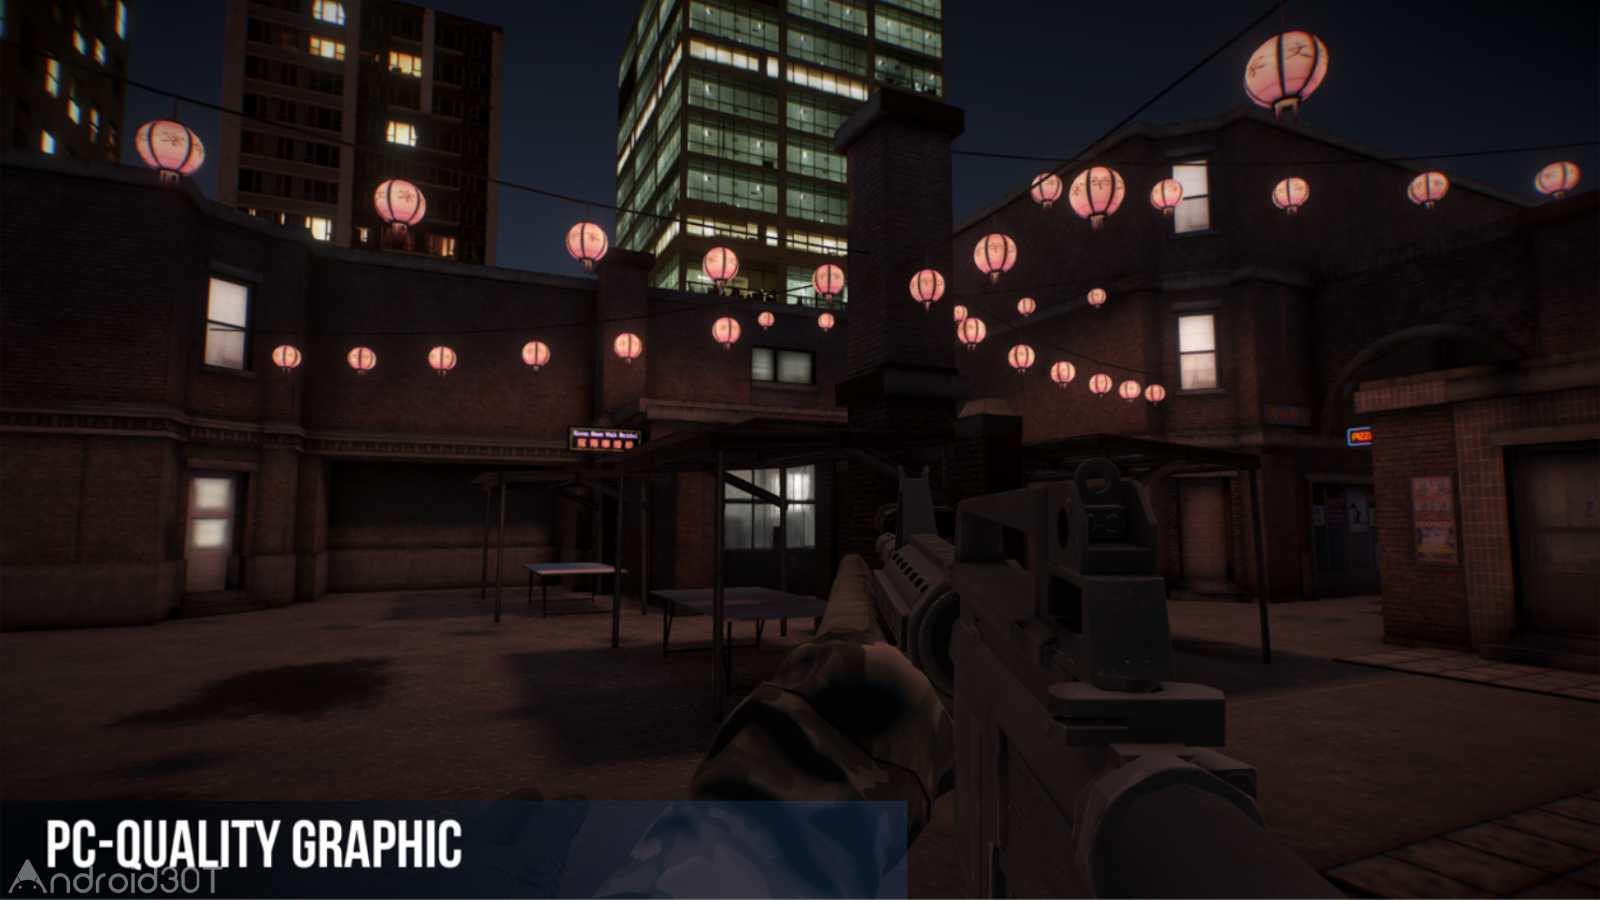 دانلود BattleCore v0.85 – بازی اکشن و تیراندازی اندروید